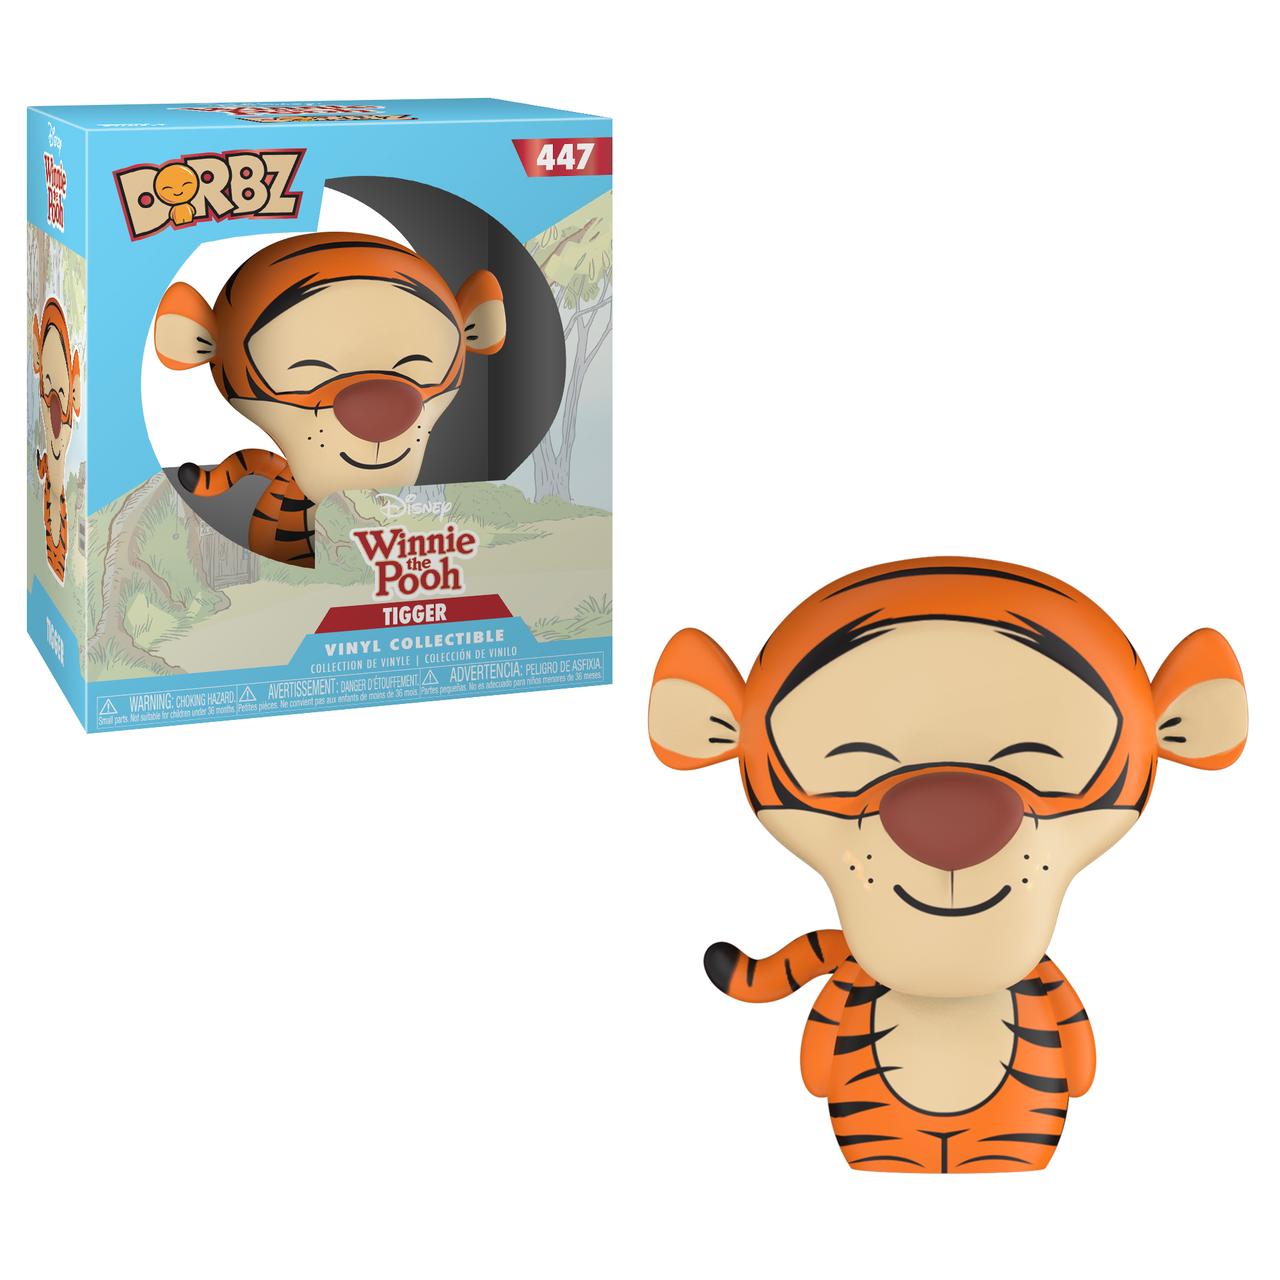 4baea8d0d8d0 Disney Winnie the Pooh Funko Dorbz Tigger  447 - Big Apple Comics